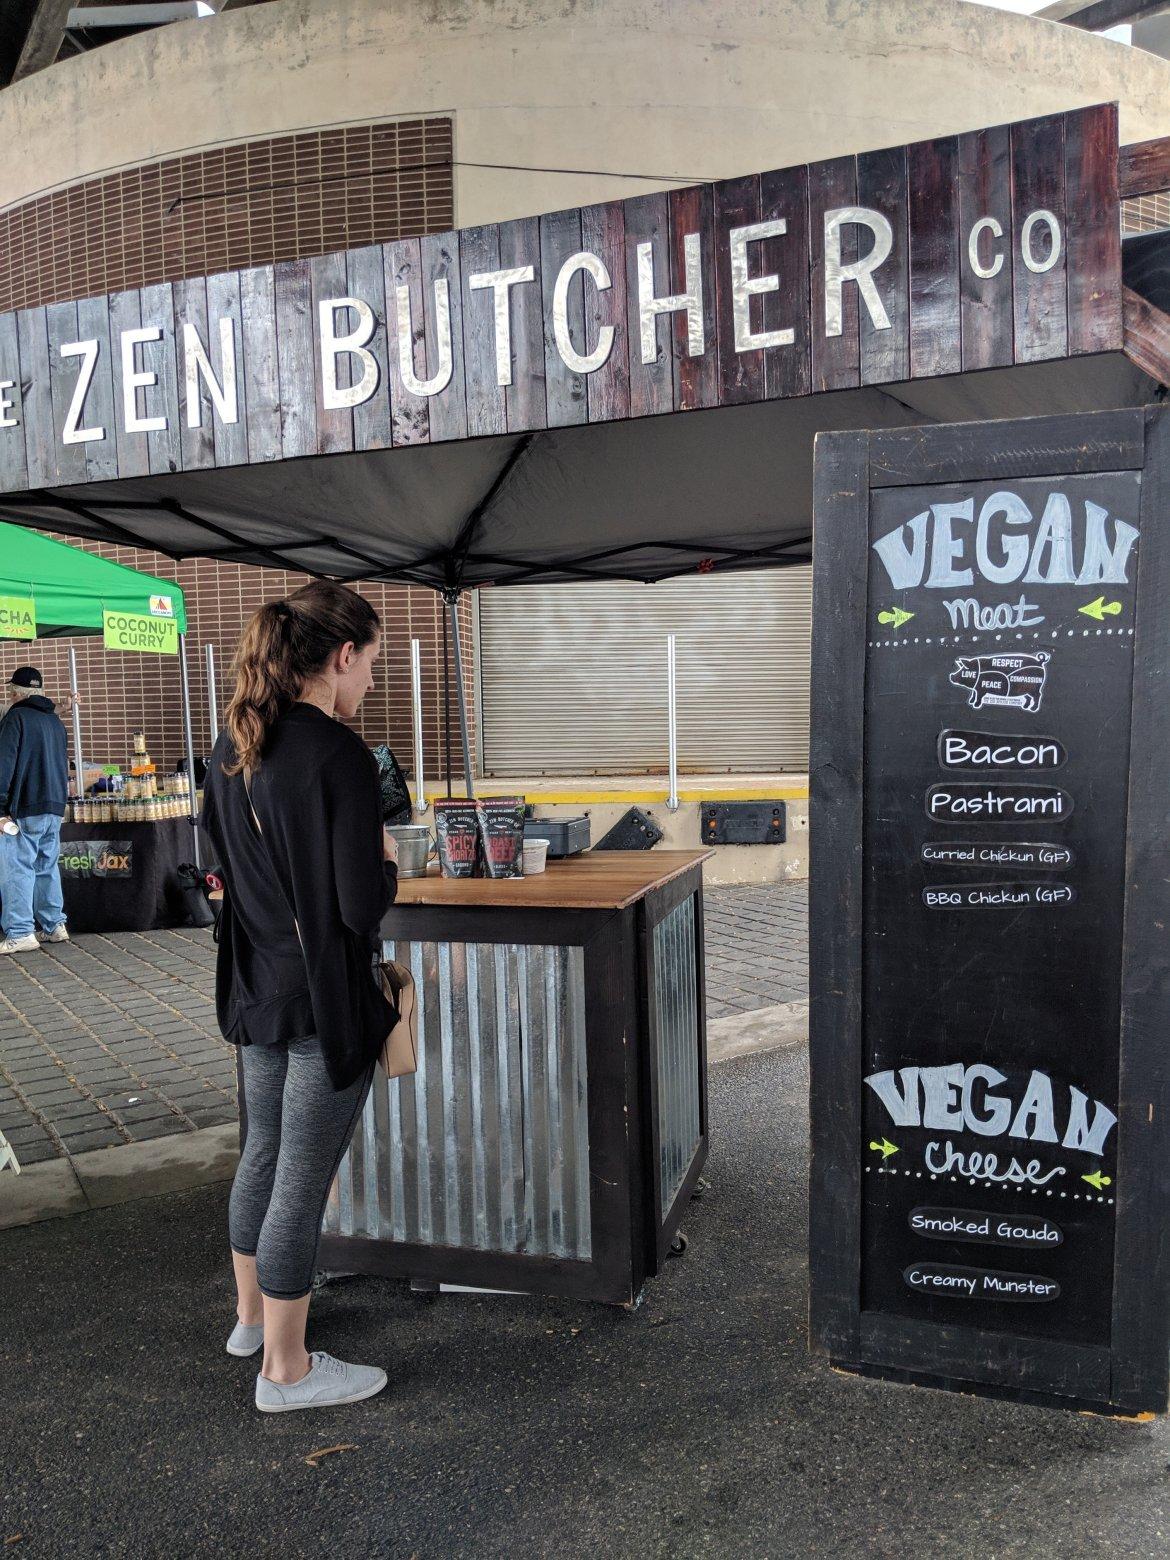 The Zen Butcher sign